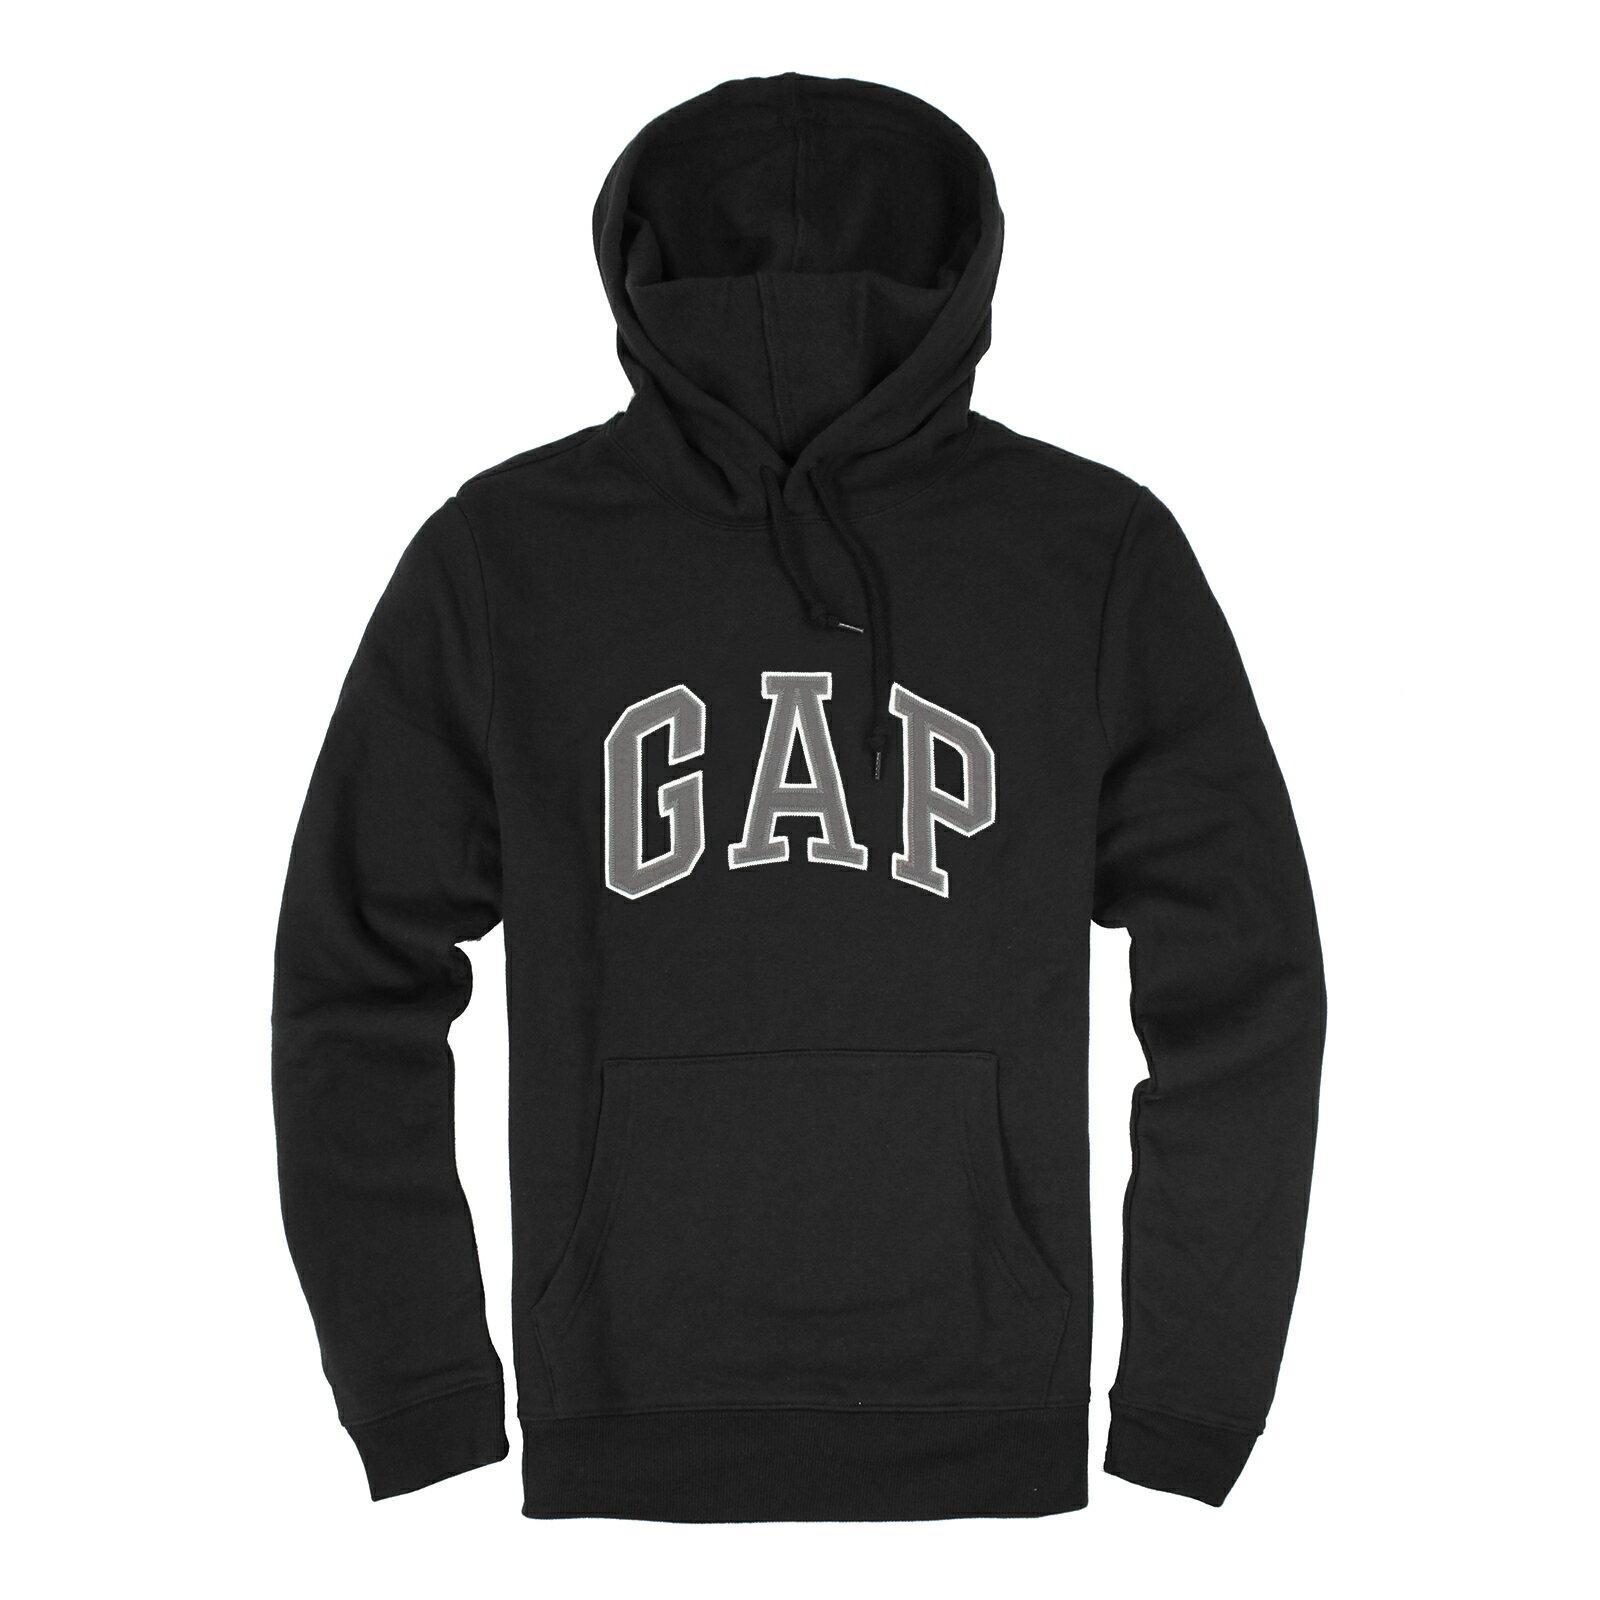 美國百分百【全新真品】GAP 帽T 上衣 外套 長袖 連帽 LOGO 貼布 灰字白邊 黑色 現貨 男 S號 E461